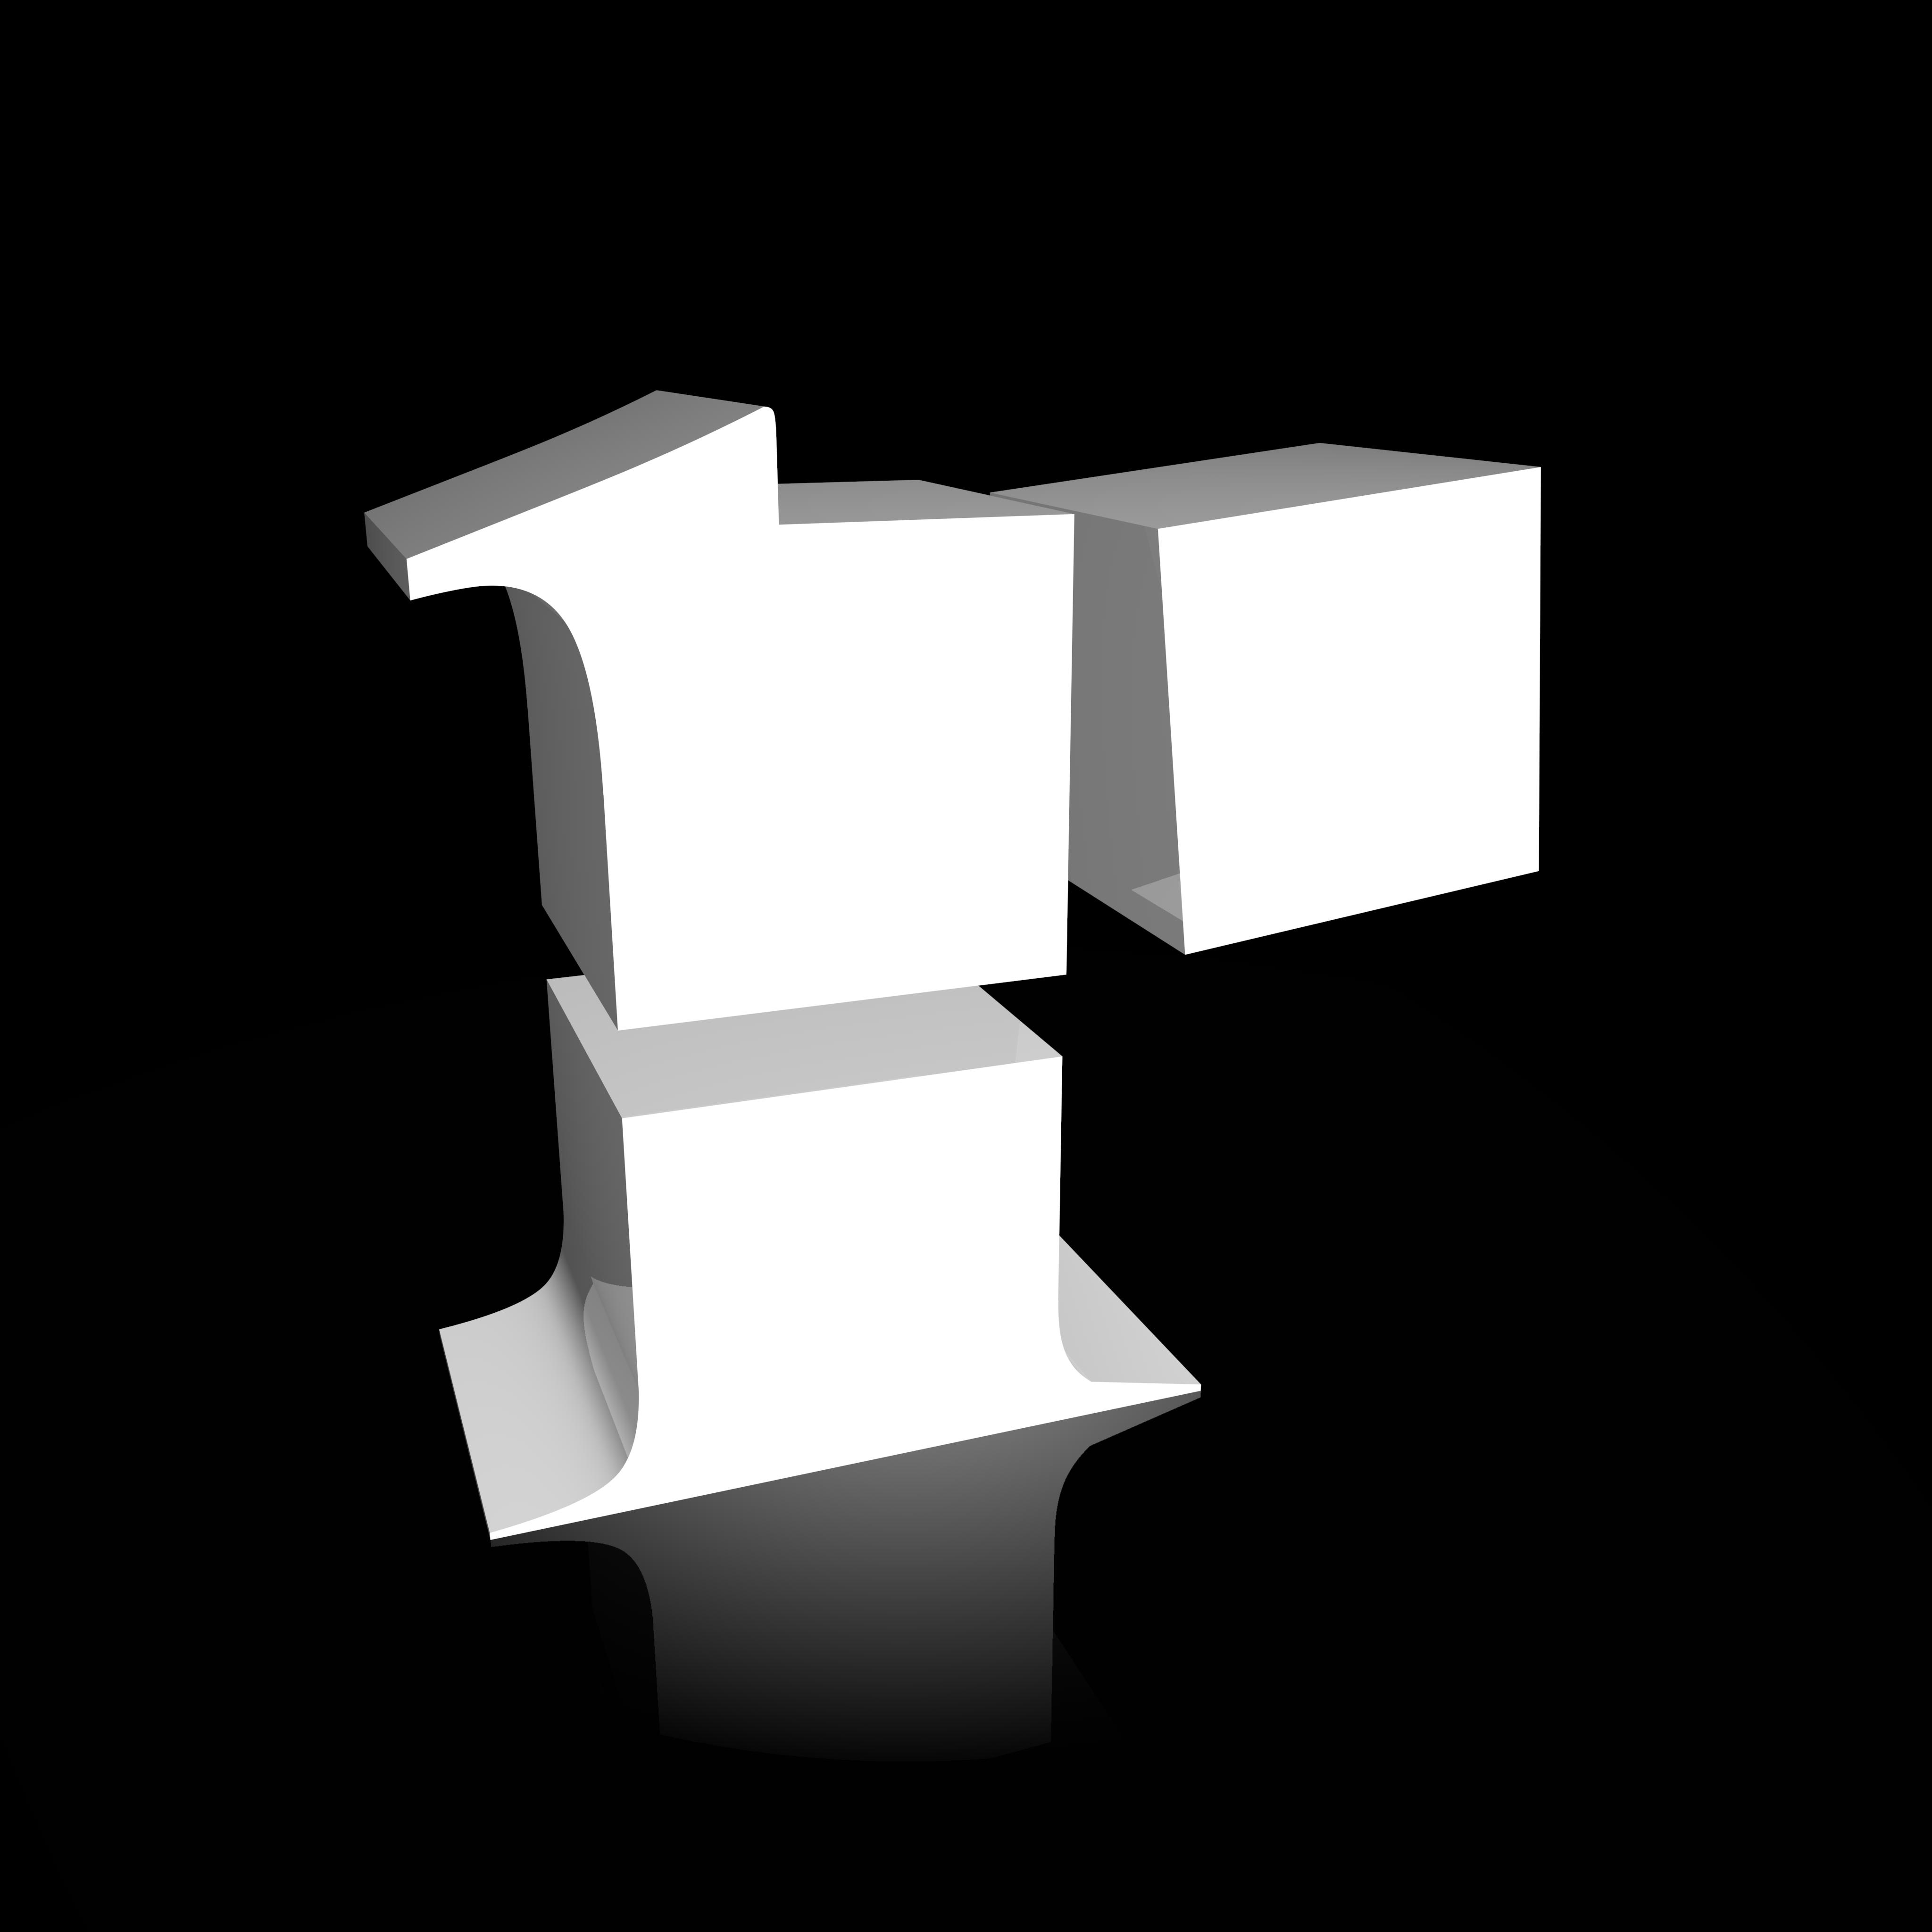 R logo black on white